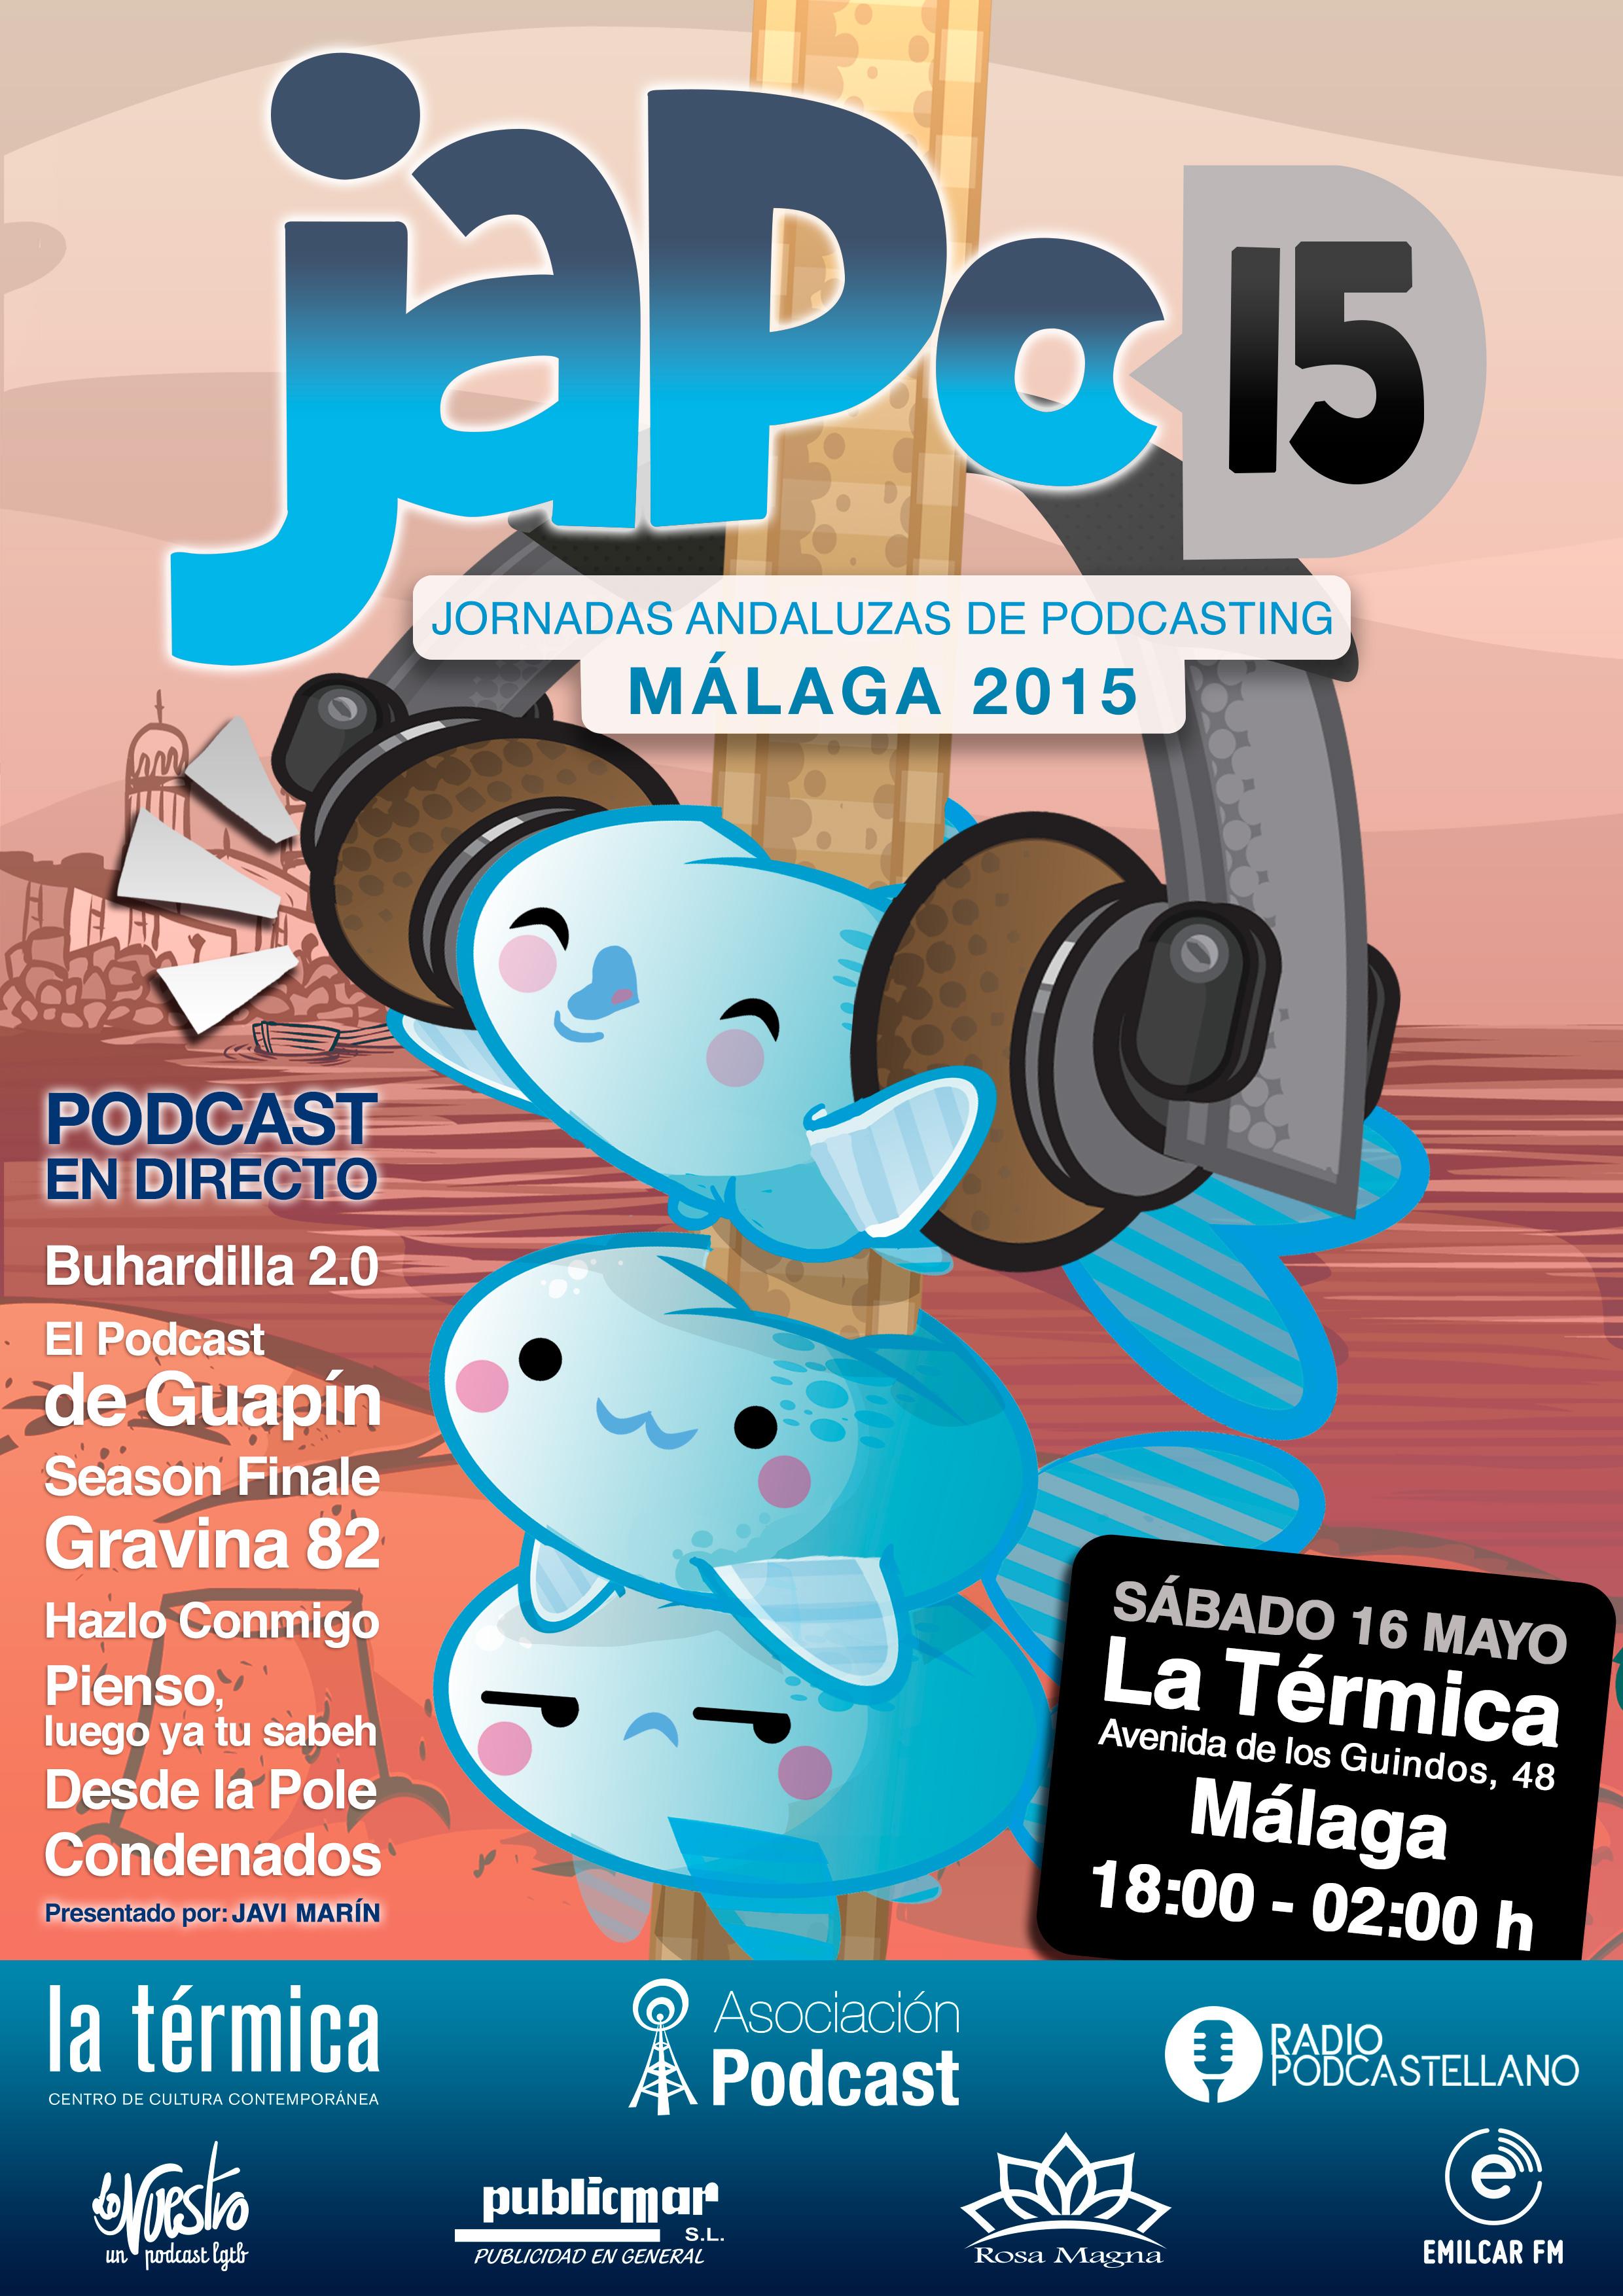 japod15_MALAGA2